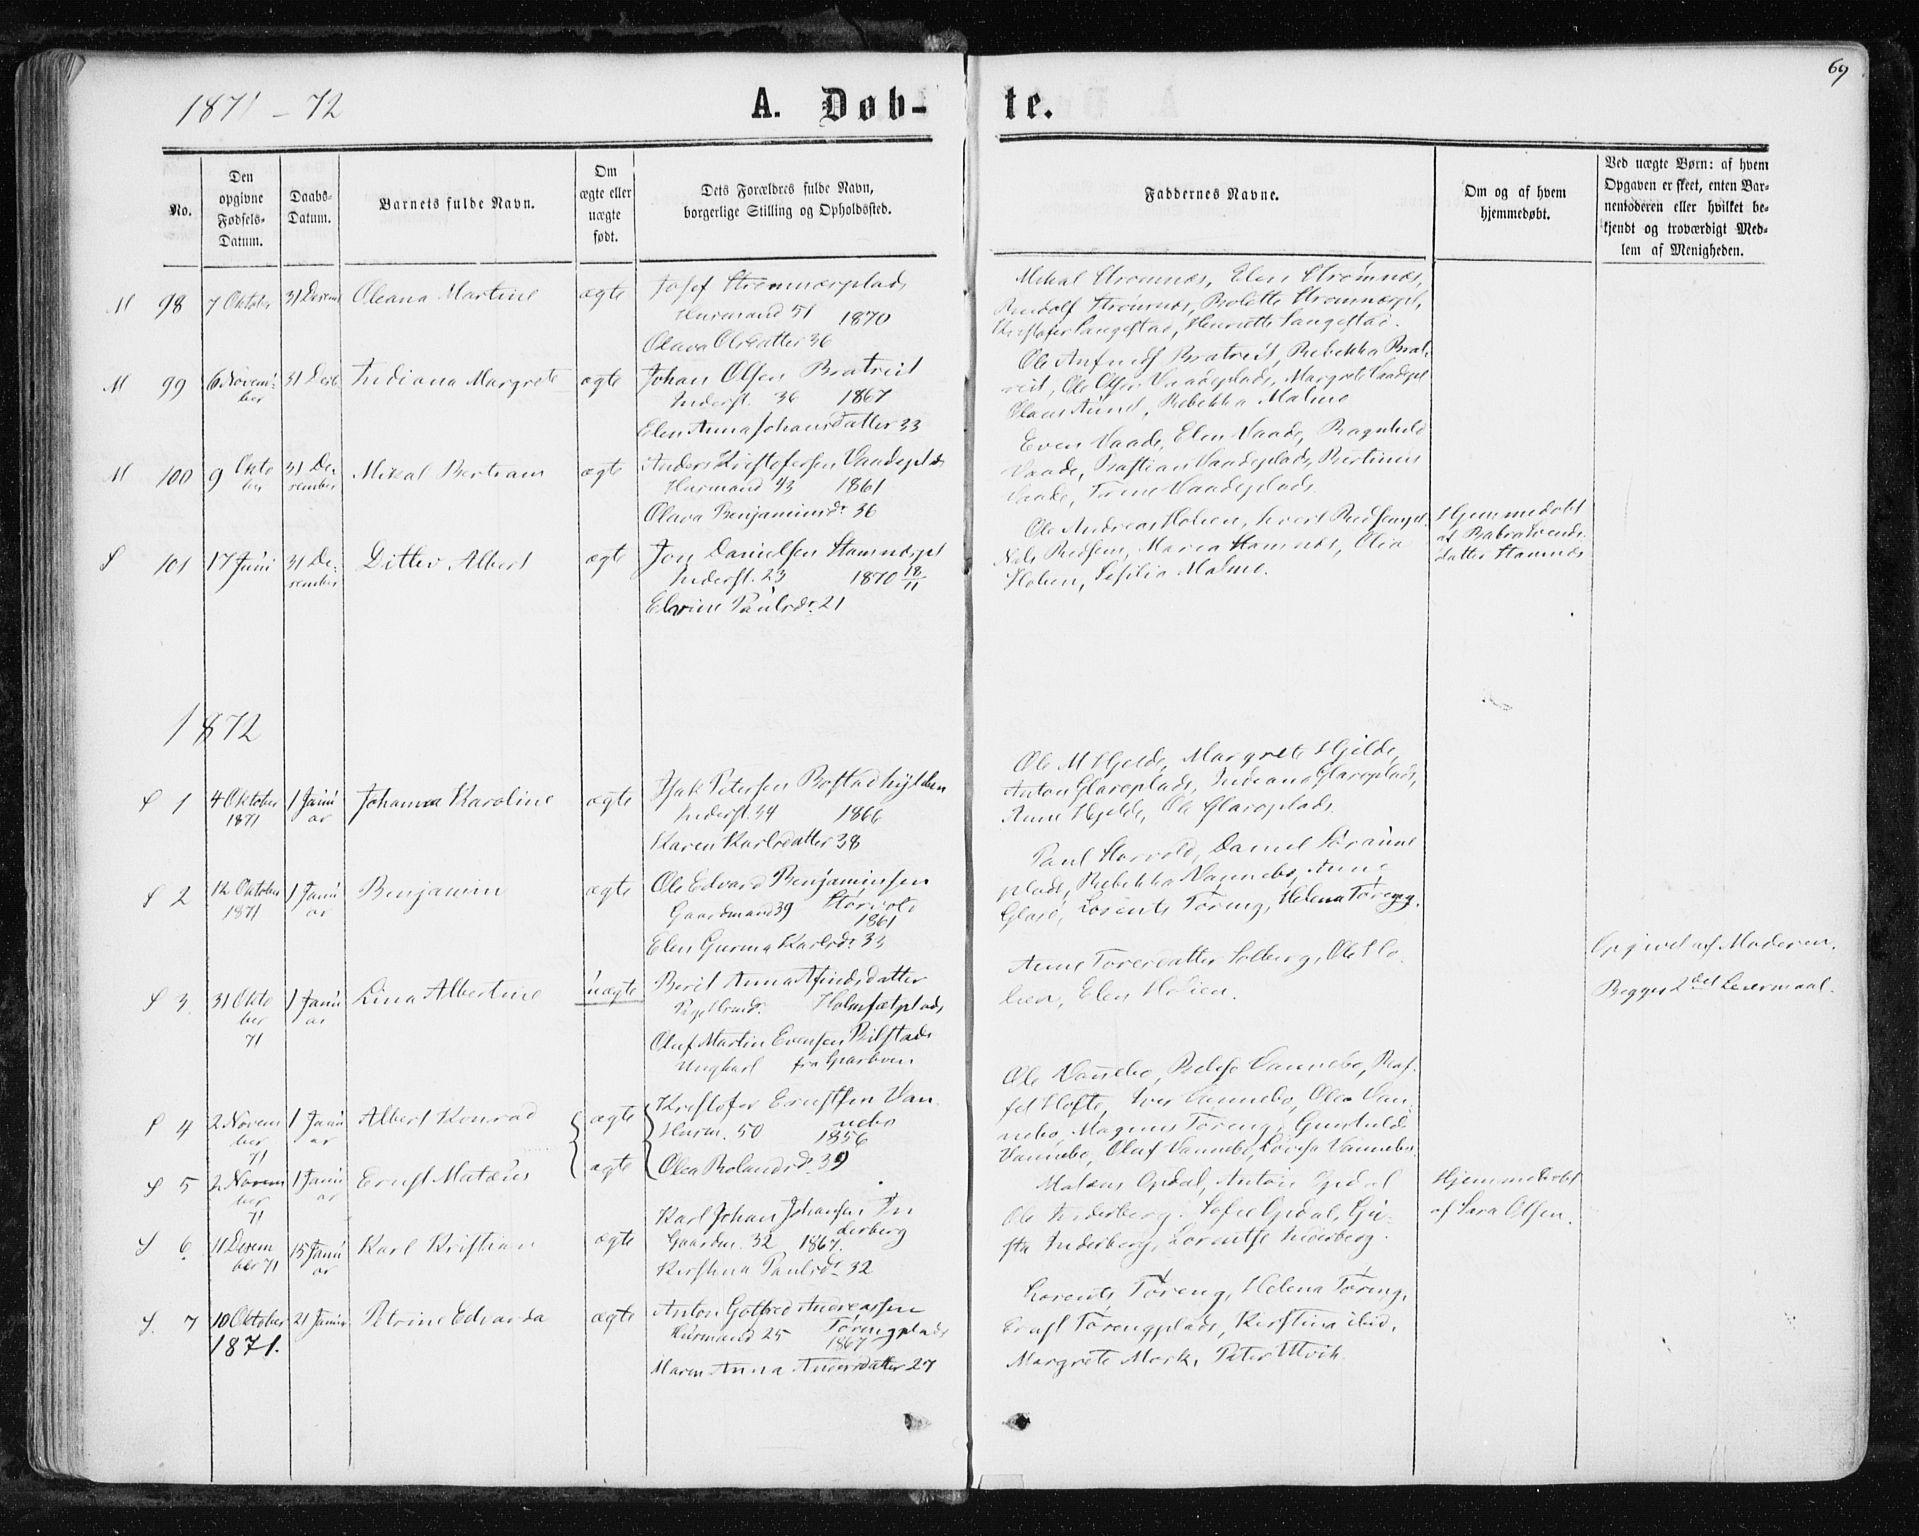 SAT, Ministerialprotokoller, klokkerbøker og fødselsregistre - Nord-Trøndelag, 741/L0394: Ministerialbok nr. 741A08, 1864-1877, s. 69